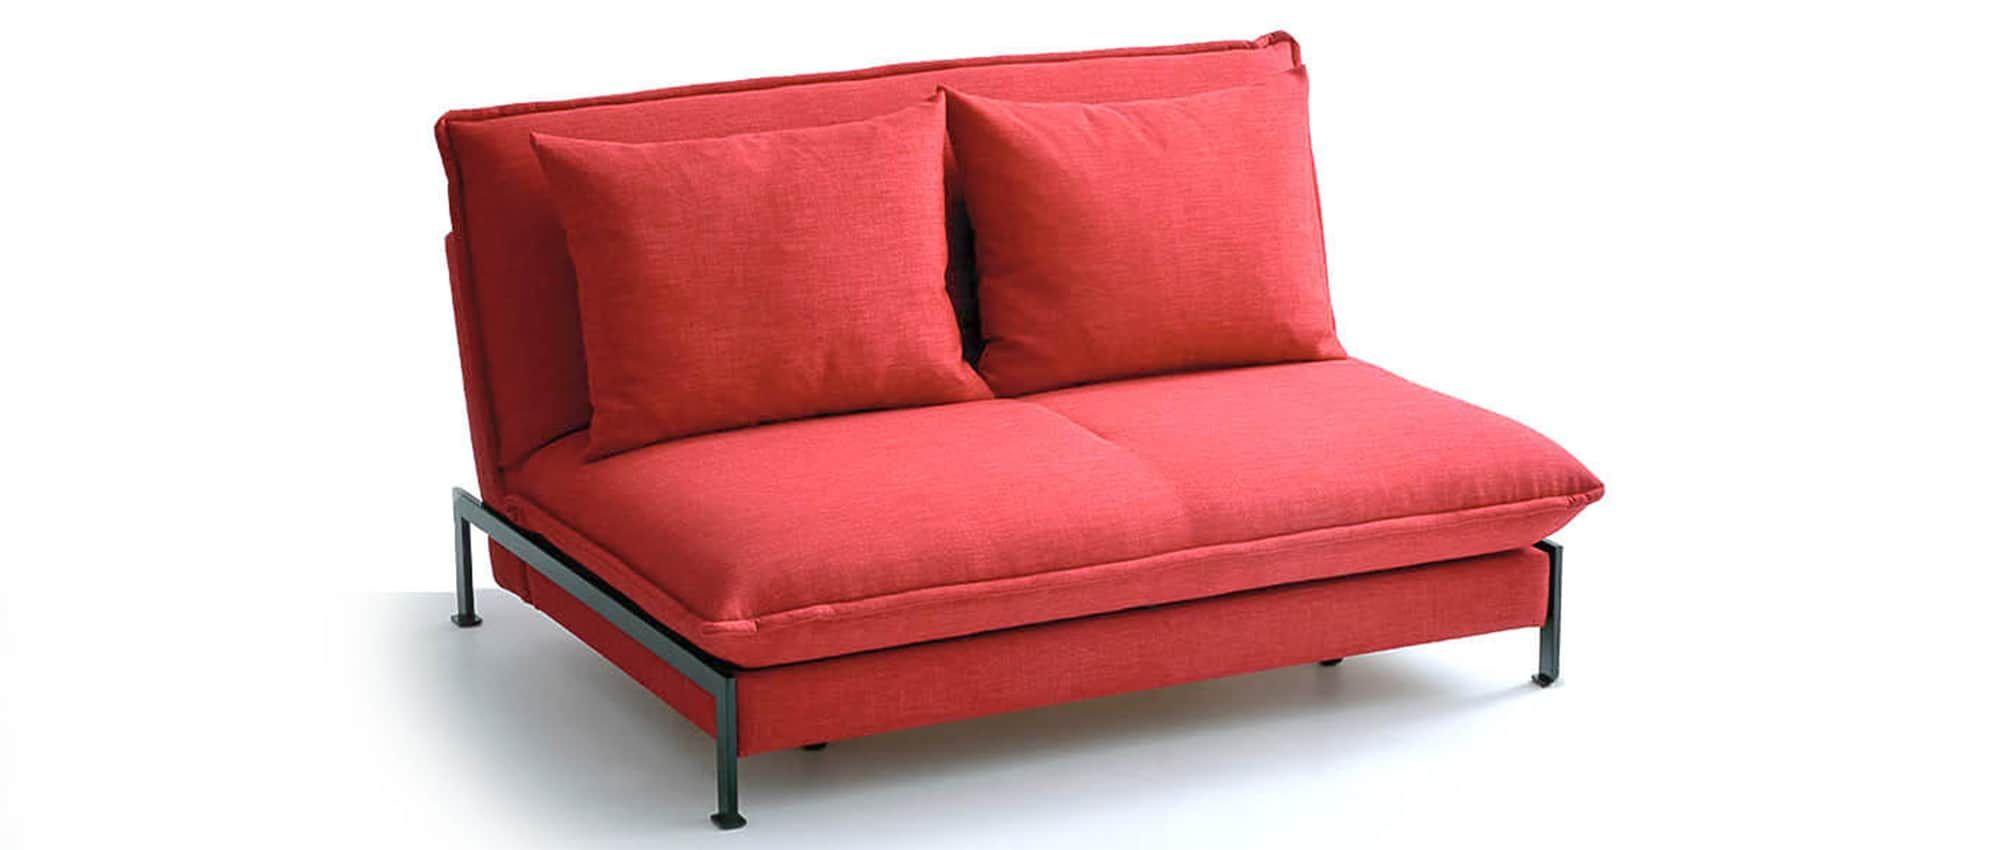 Fun Schlafsofa Von Franz Fertig Die Collection Sofa Design